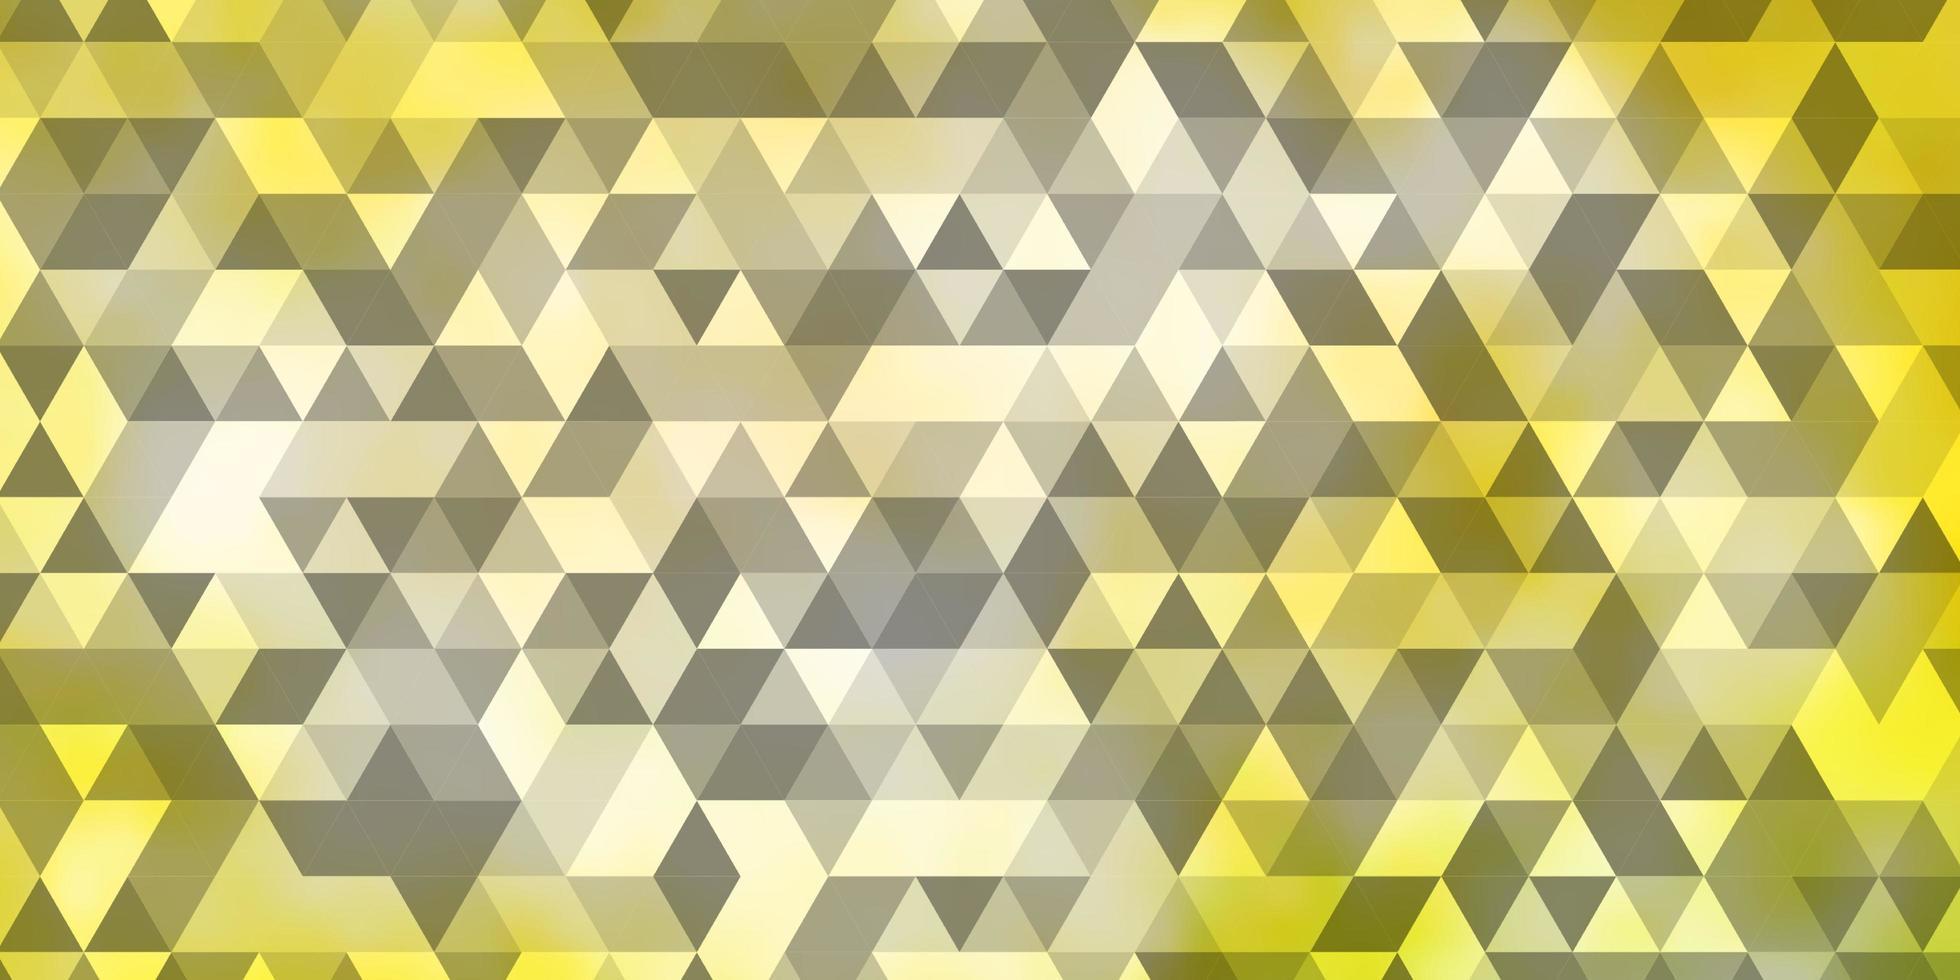 hellgrüner, gelber Vektorhintergrund mit Dreiecken. vektor